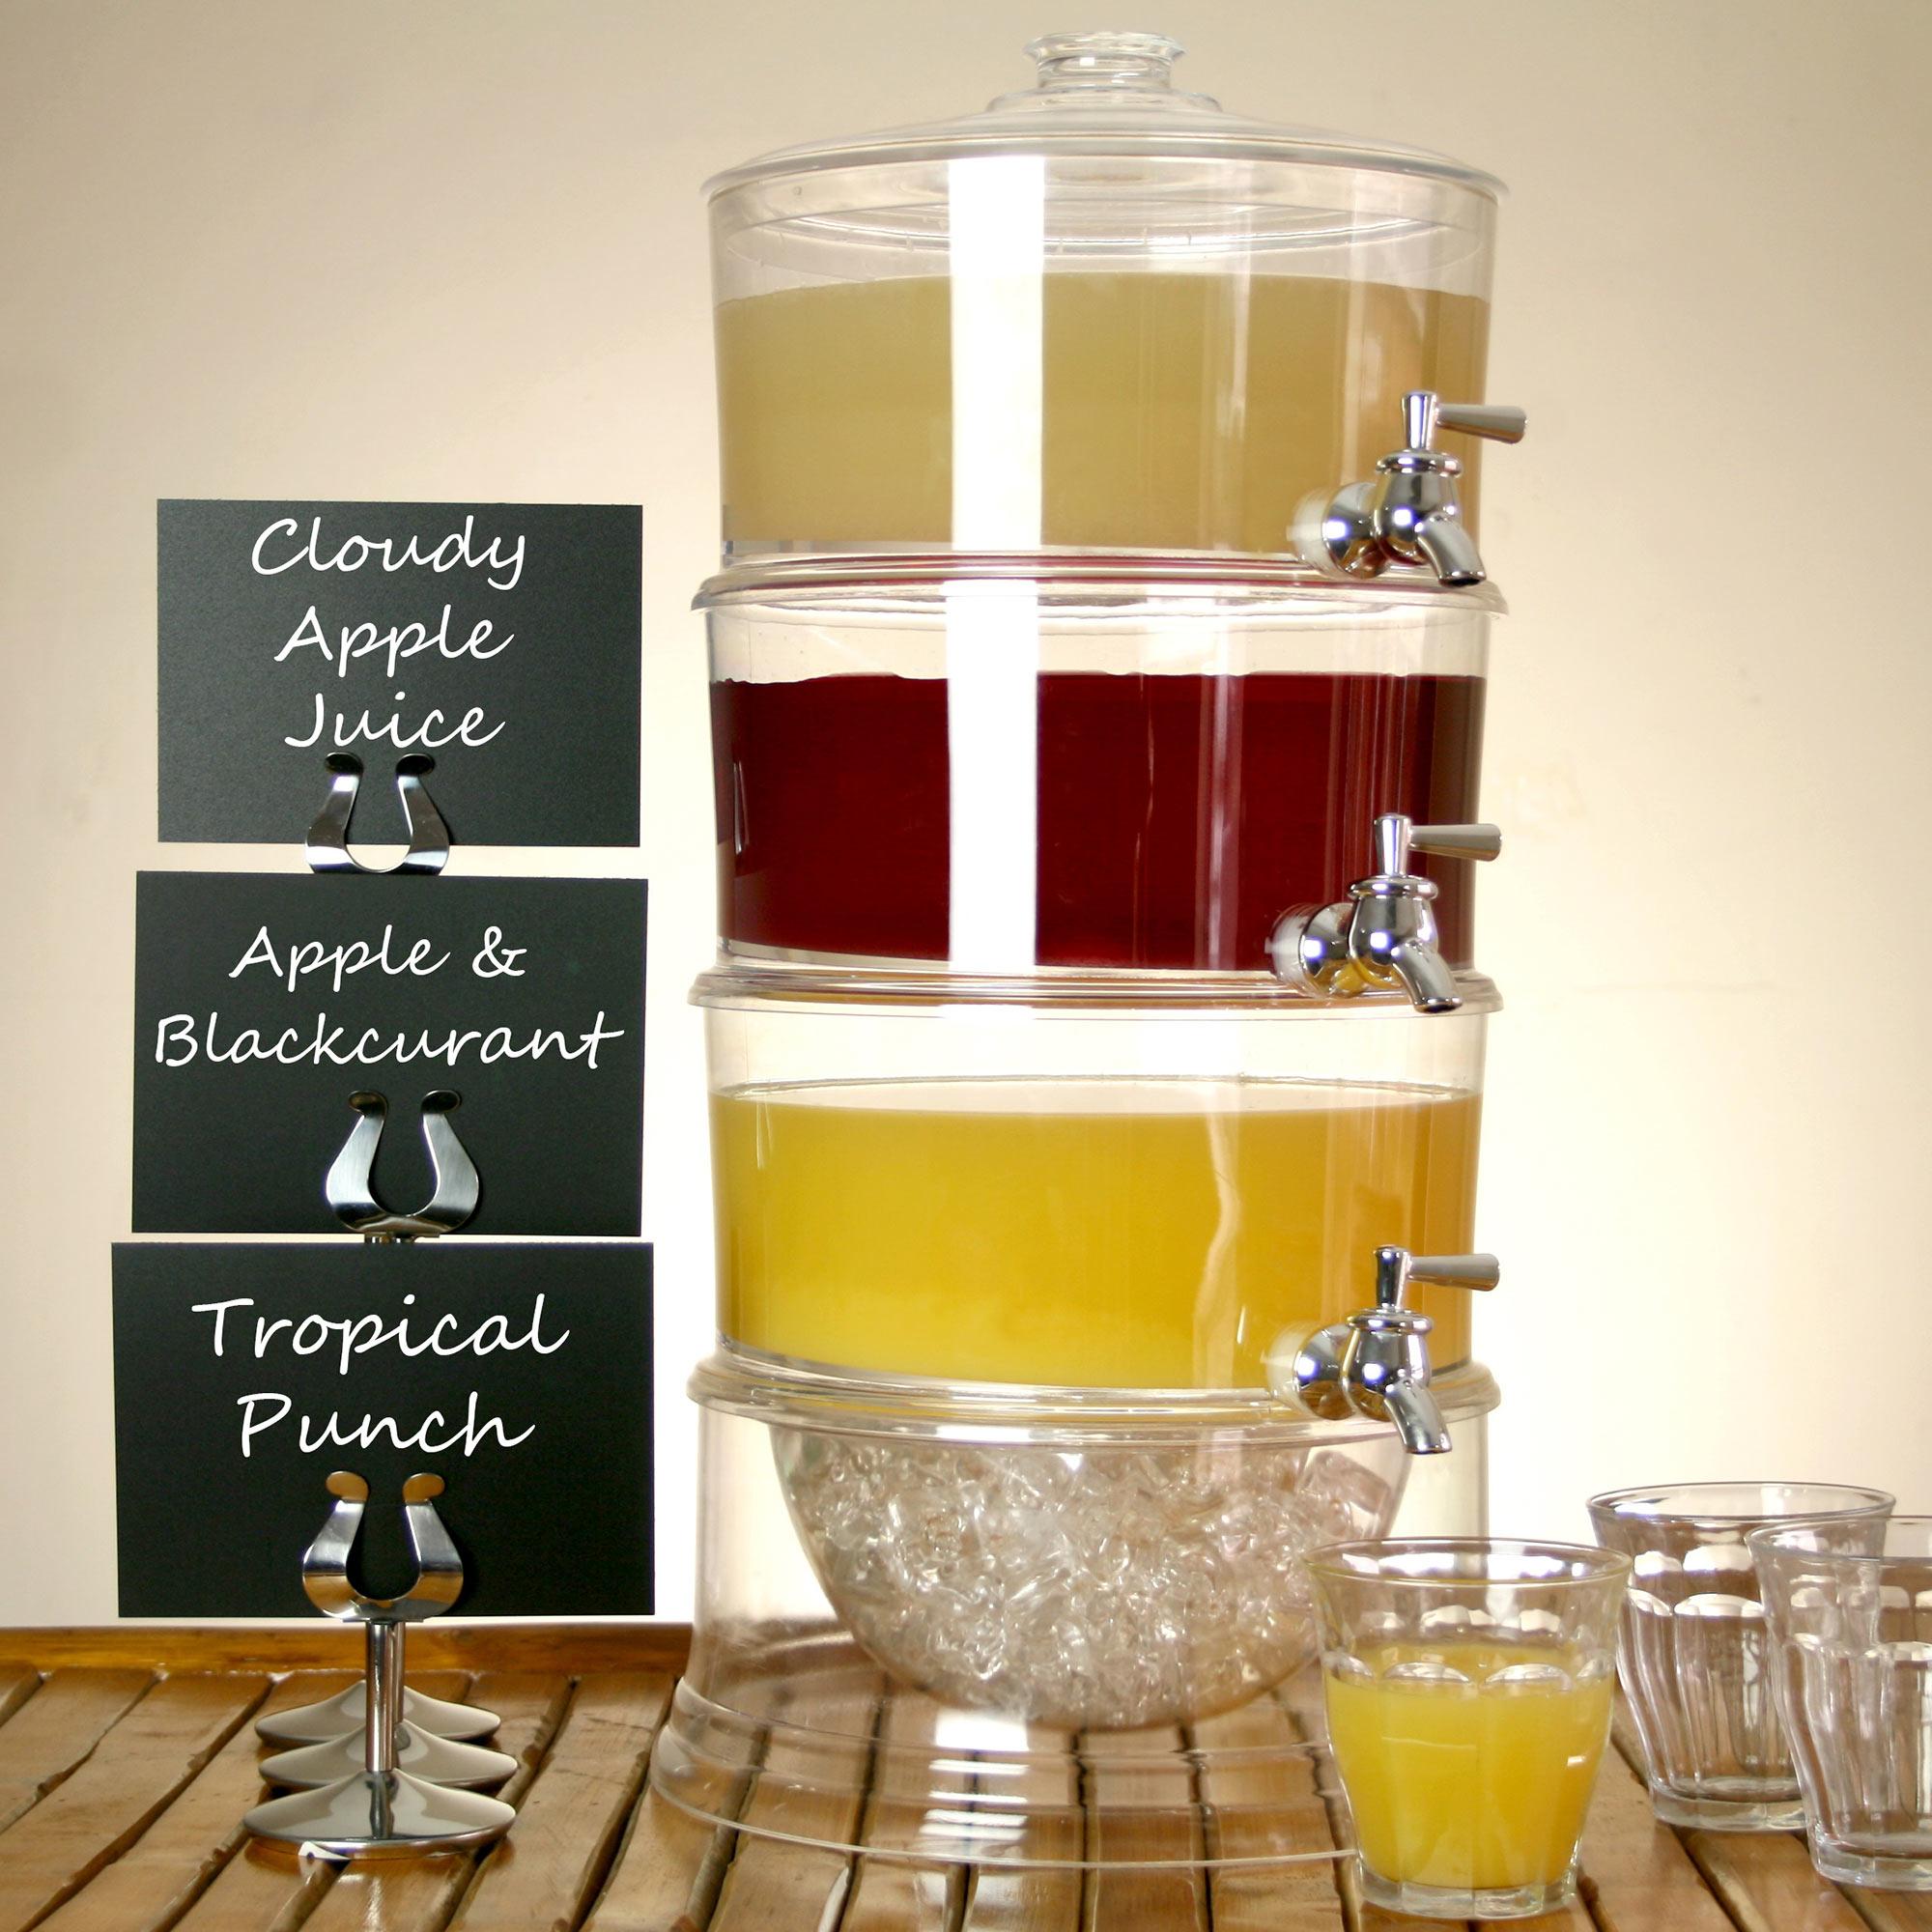 3 Tier Drink Dispenser 11 25ltr Beverage Dispenser Juice